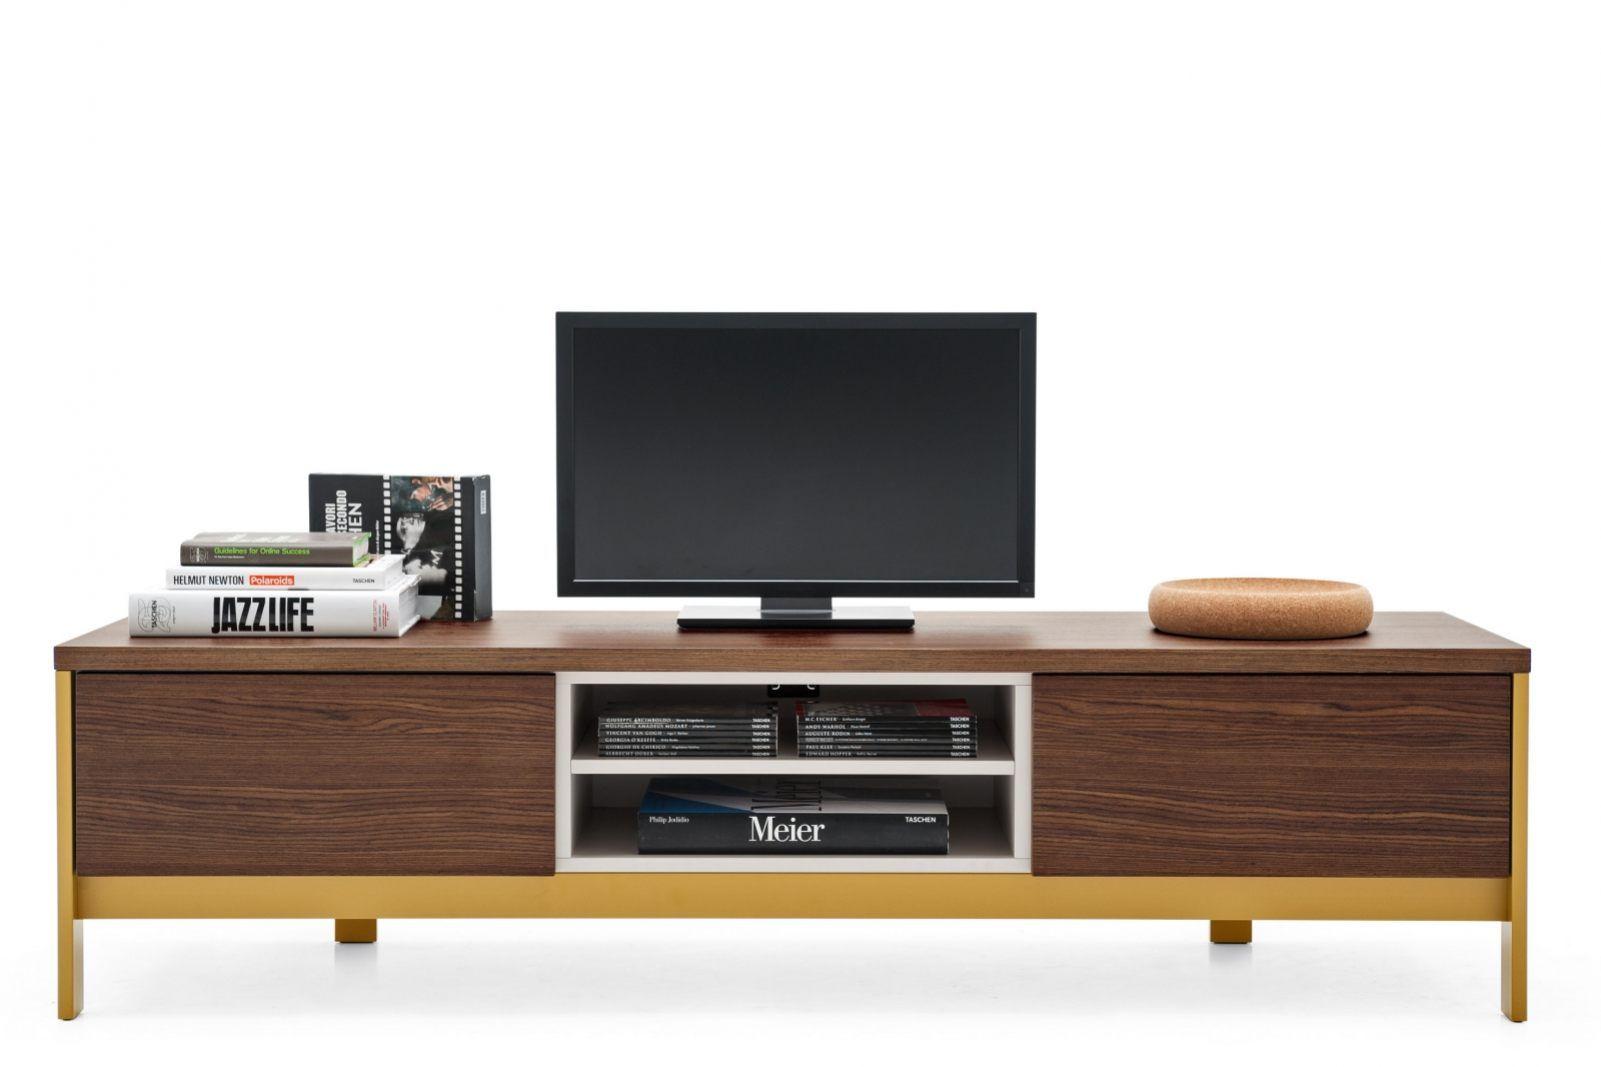 Blickfang Tv Bank Metall Sammlung Von Sideboard Mit Zwei Seitlichen Türen Aus Holz